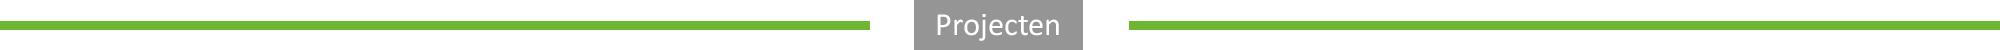 Balk-projecten